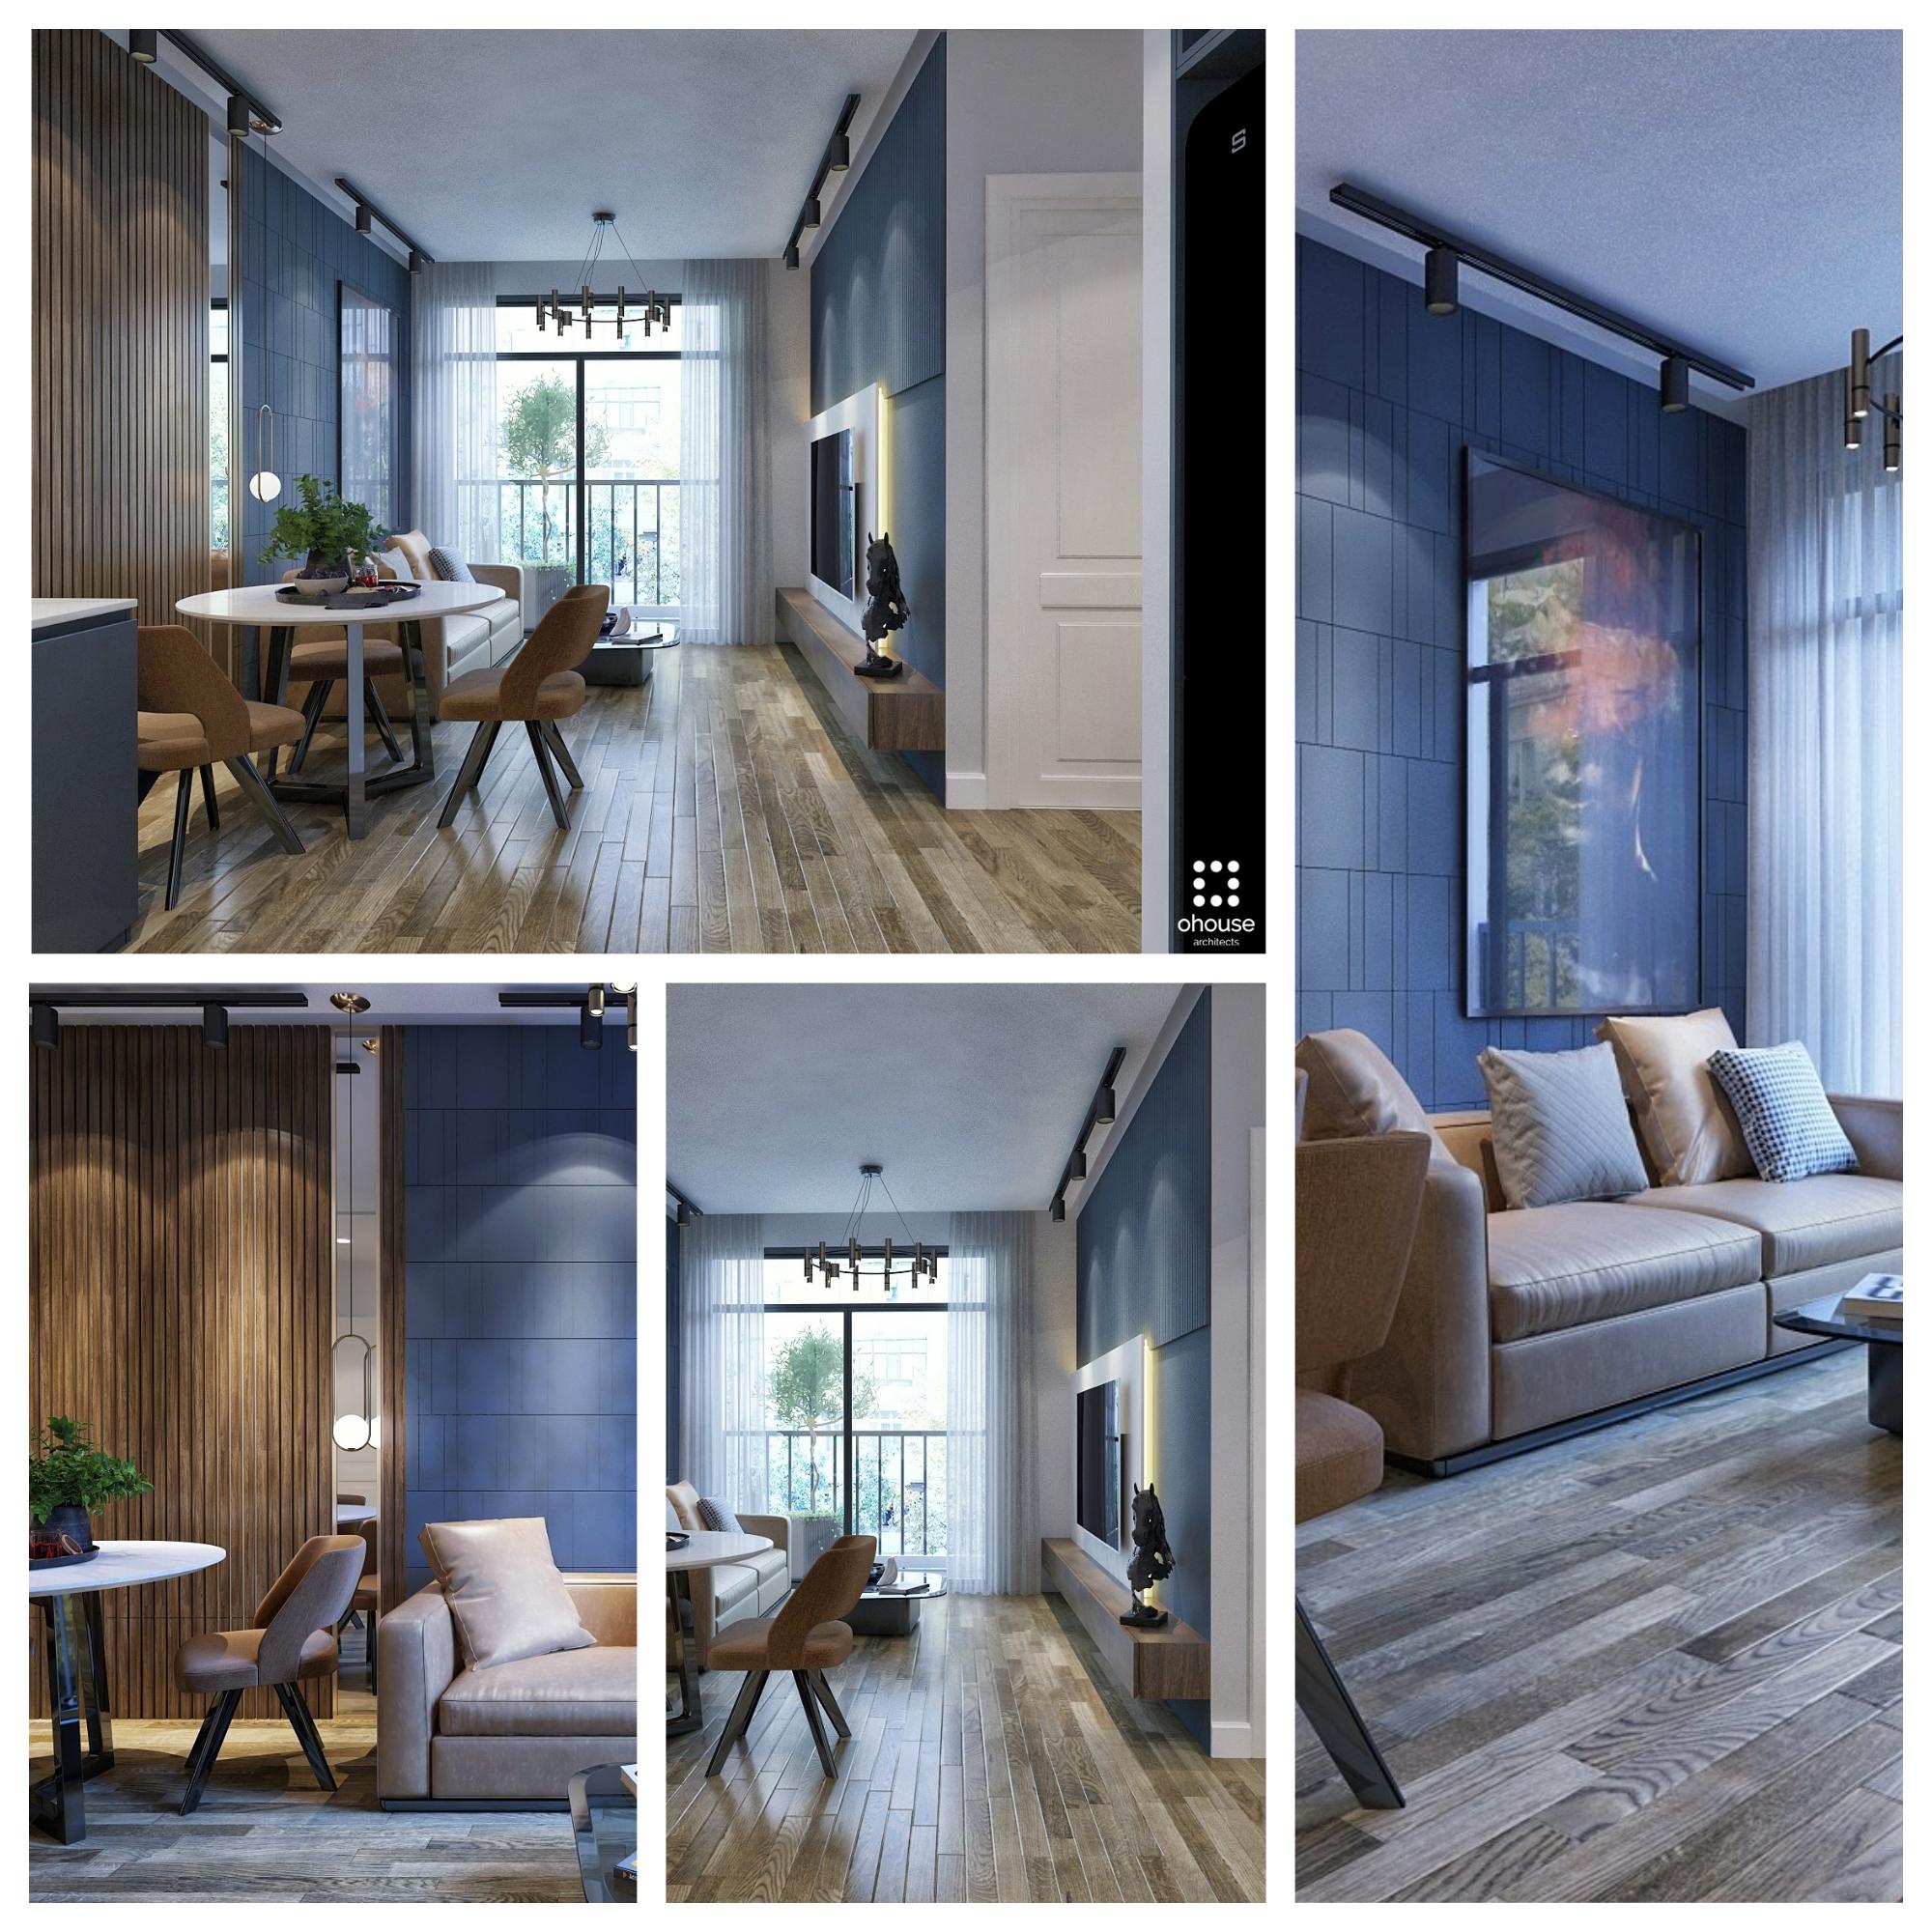 Thiết kế nội thất Chung Cư tại Hồ Chí Minh Chung cư anh Phi - Quận 9 1582603524 5